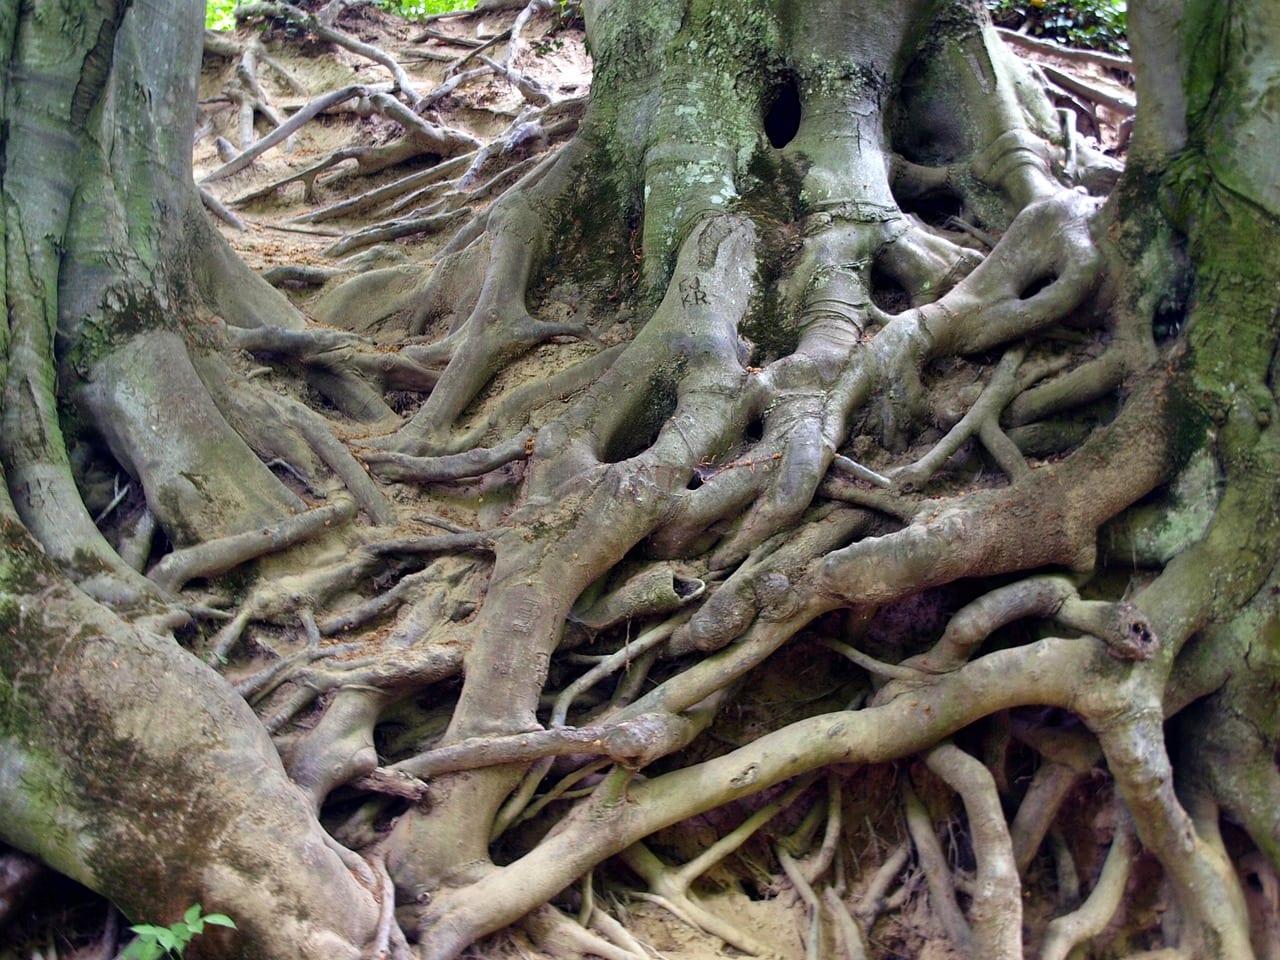 Partes de la ra z de una planta for Imagenes de las partes del arbol